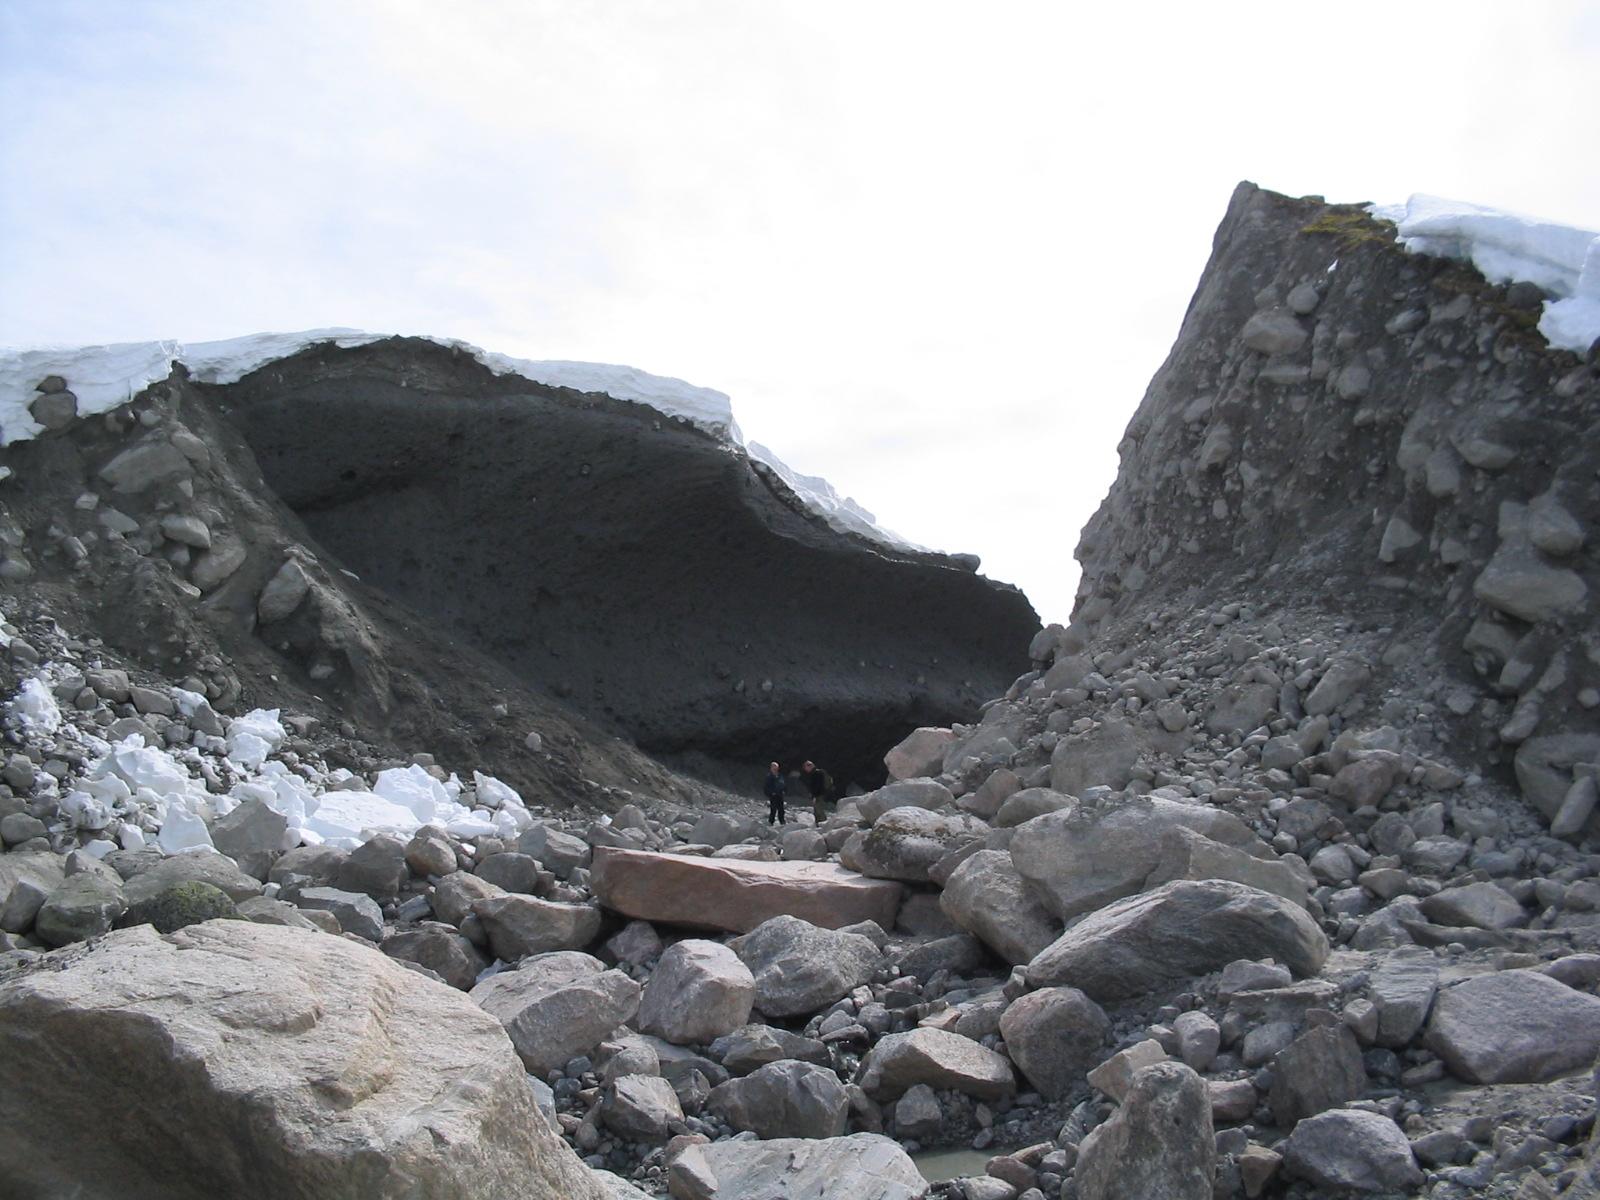 Opninga i moreneryggen 11.05.2004 . Foto: Anders Jarle Muldsvor, NVE.